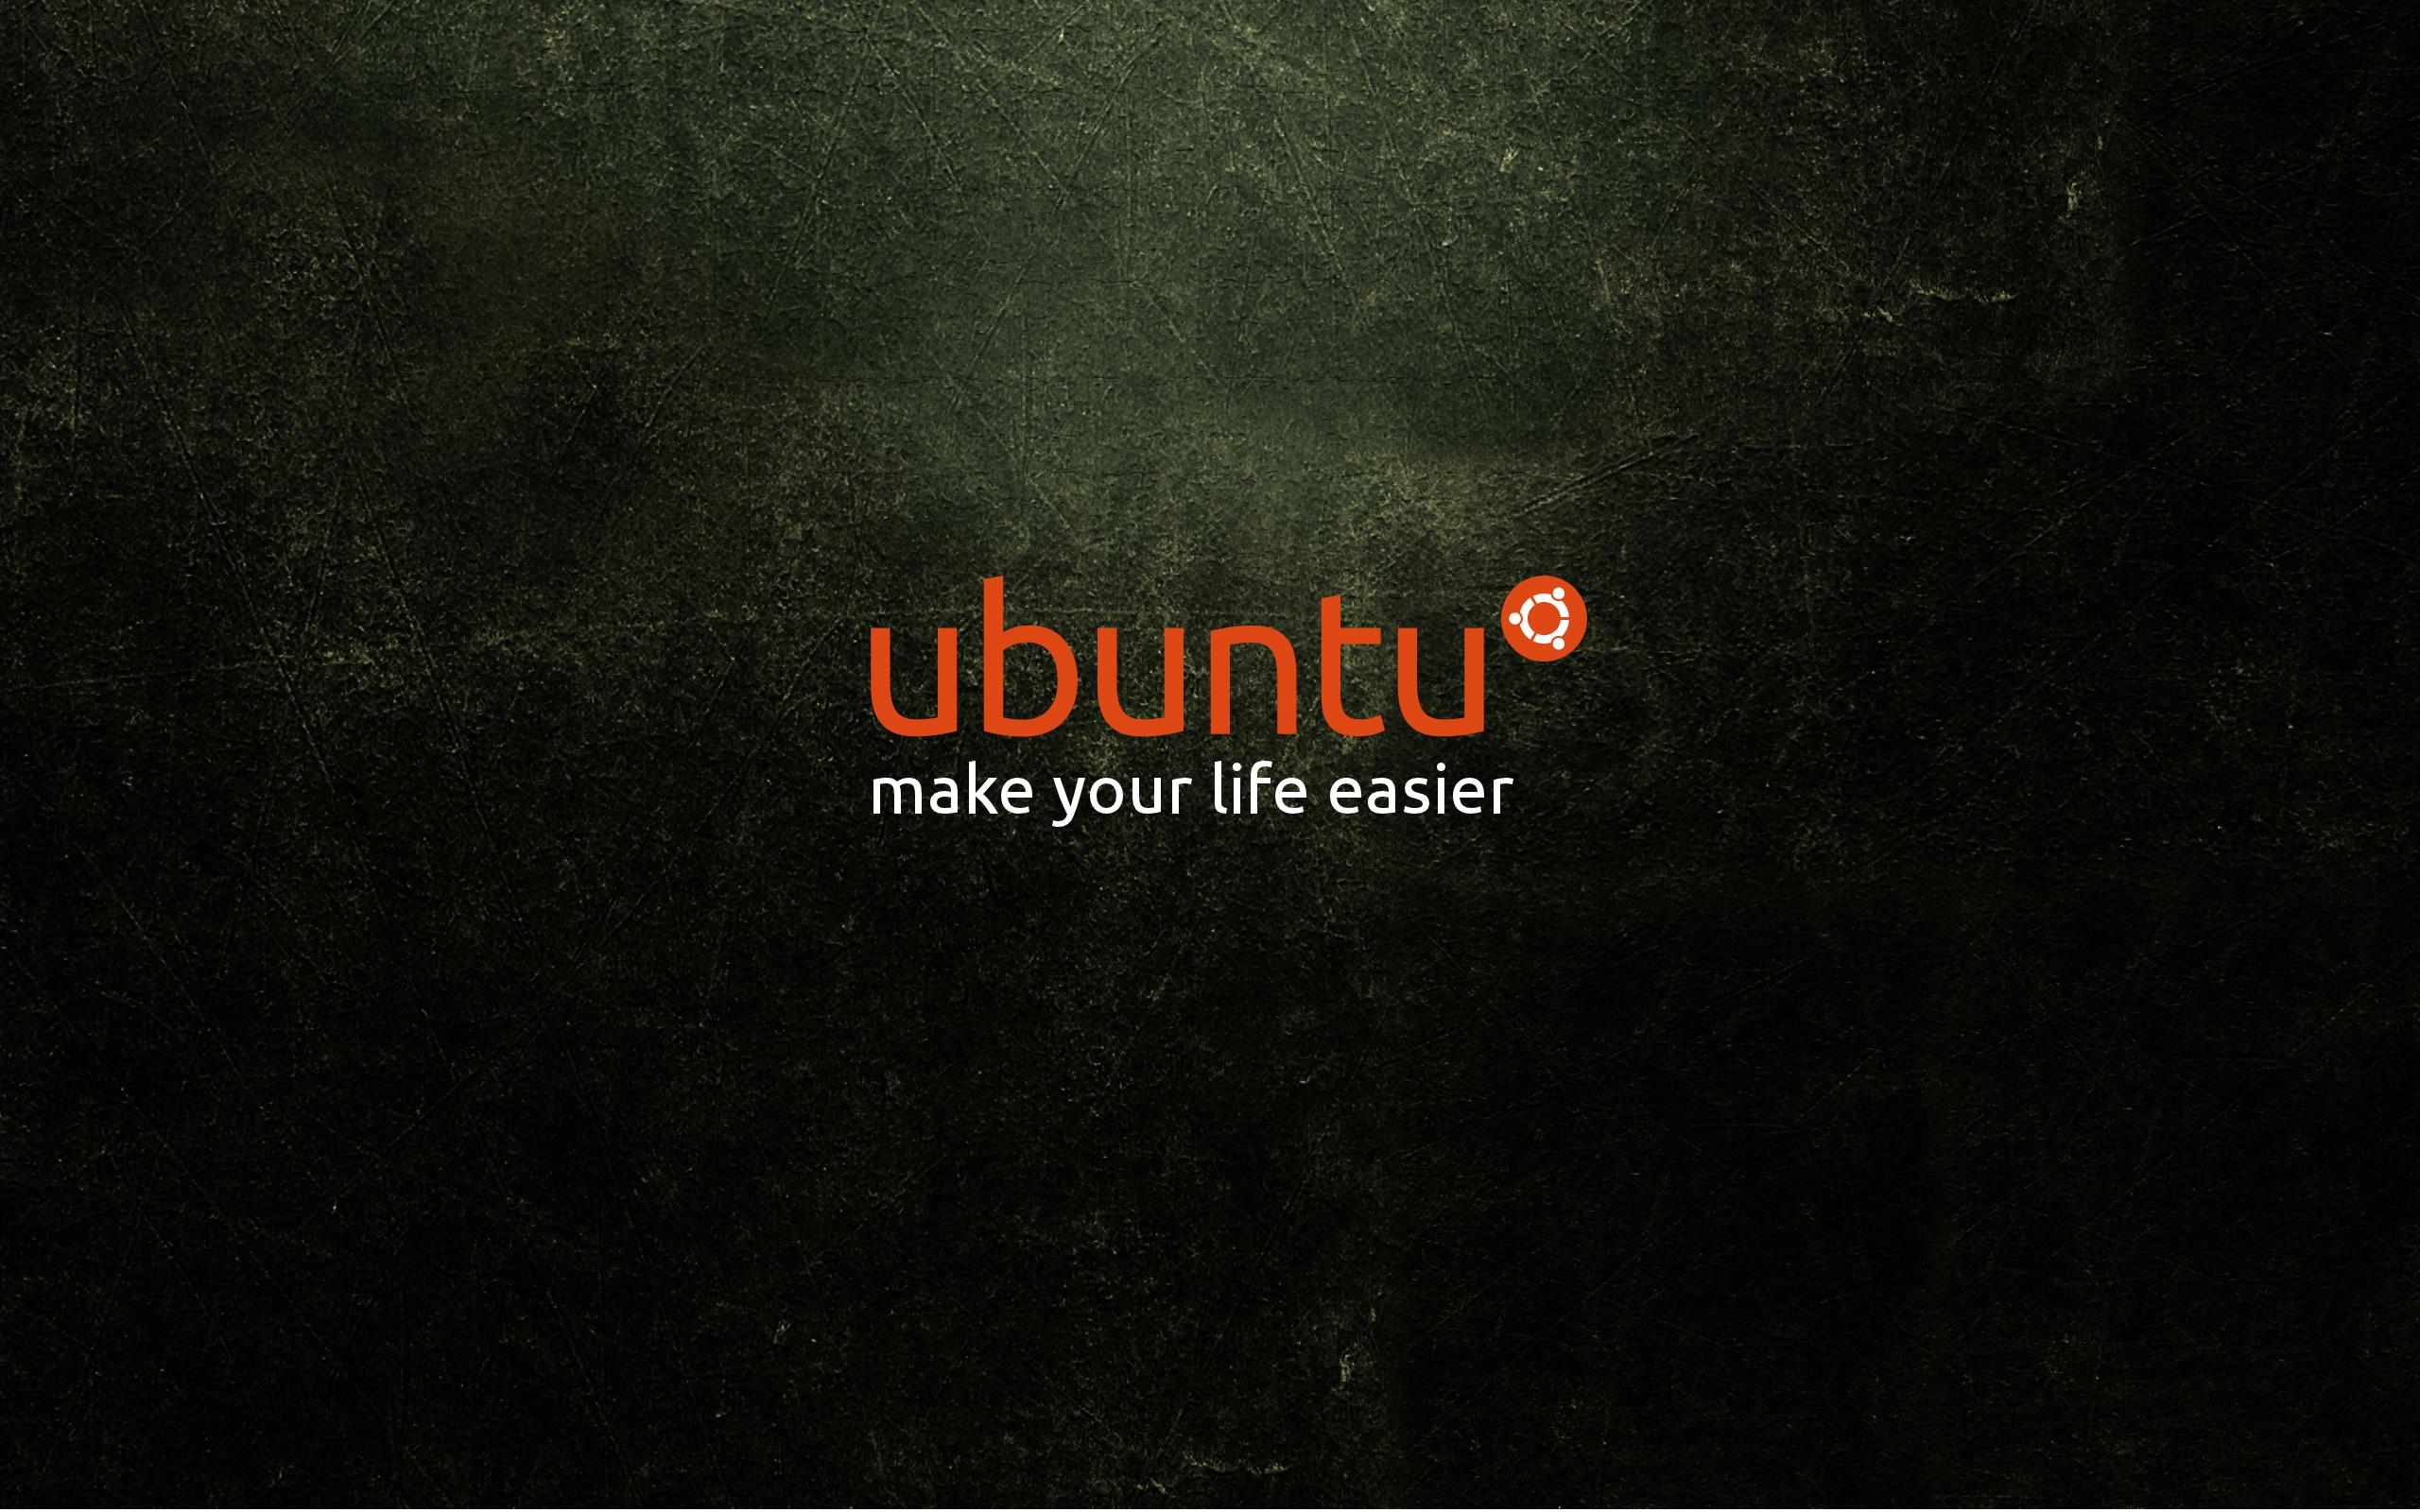 Ubuntu fondos de pantalla fondos de escritorio for Fondo de pantalla ubuntu